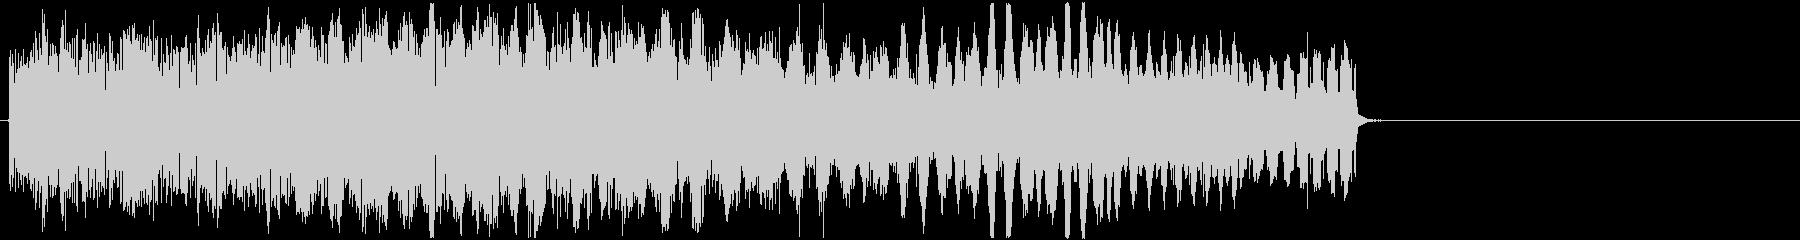 ギュイィィィ...(レーザー、チャージ)の未再生の波形